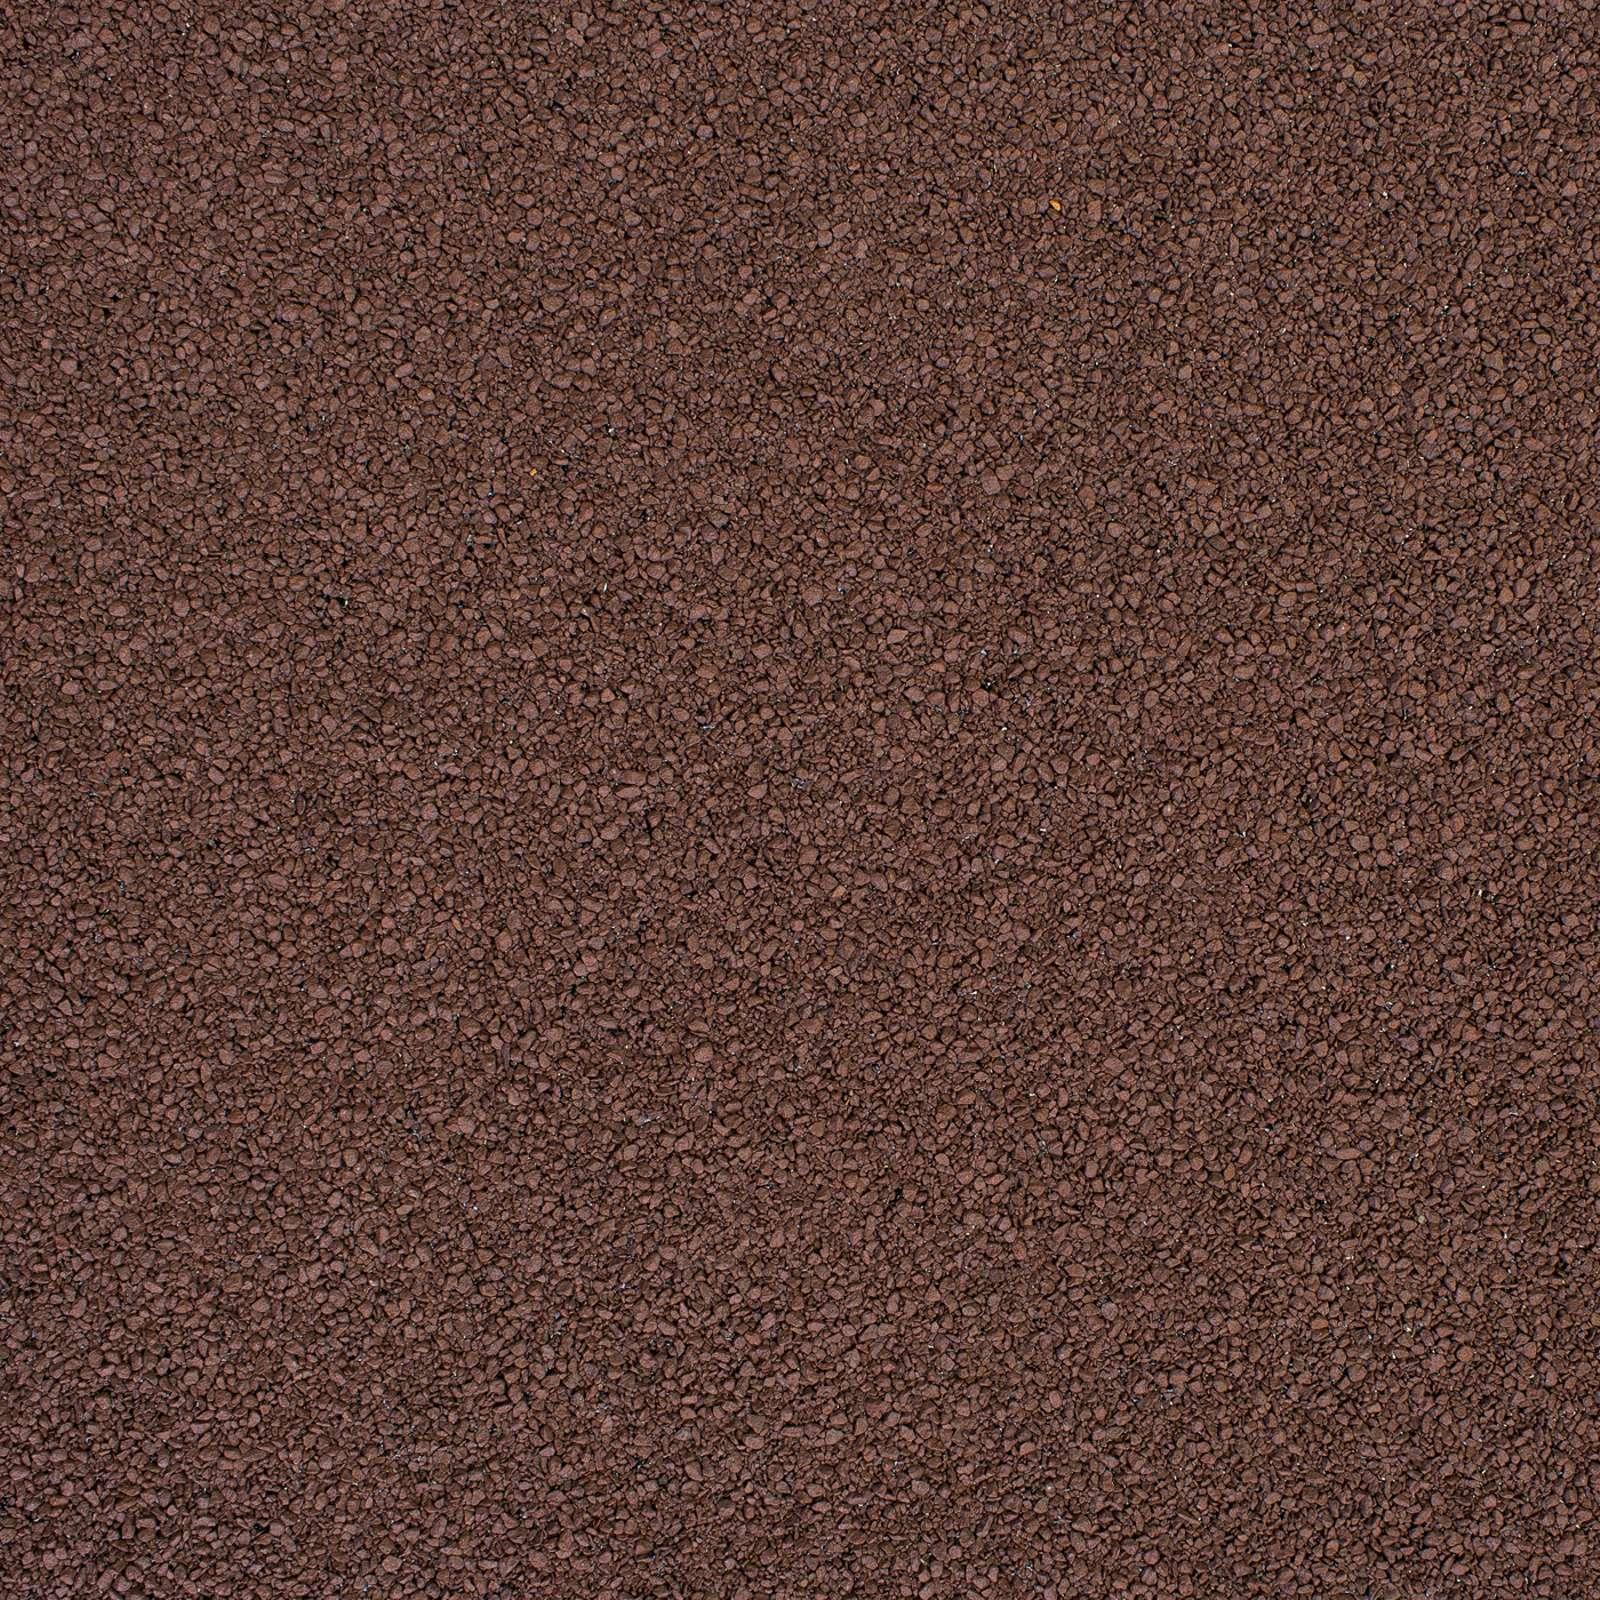 Ендовый ковер Шинглас, коричневый, 10 м2